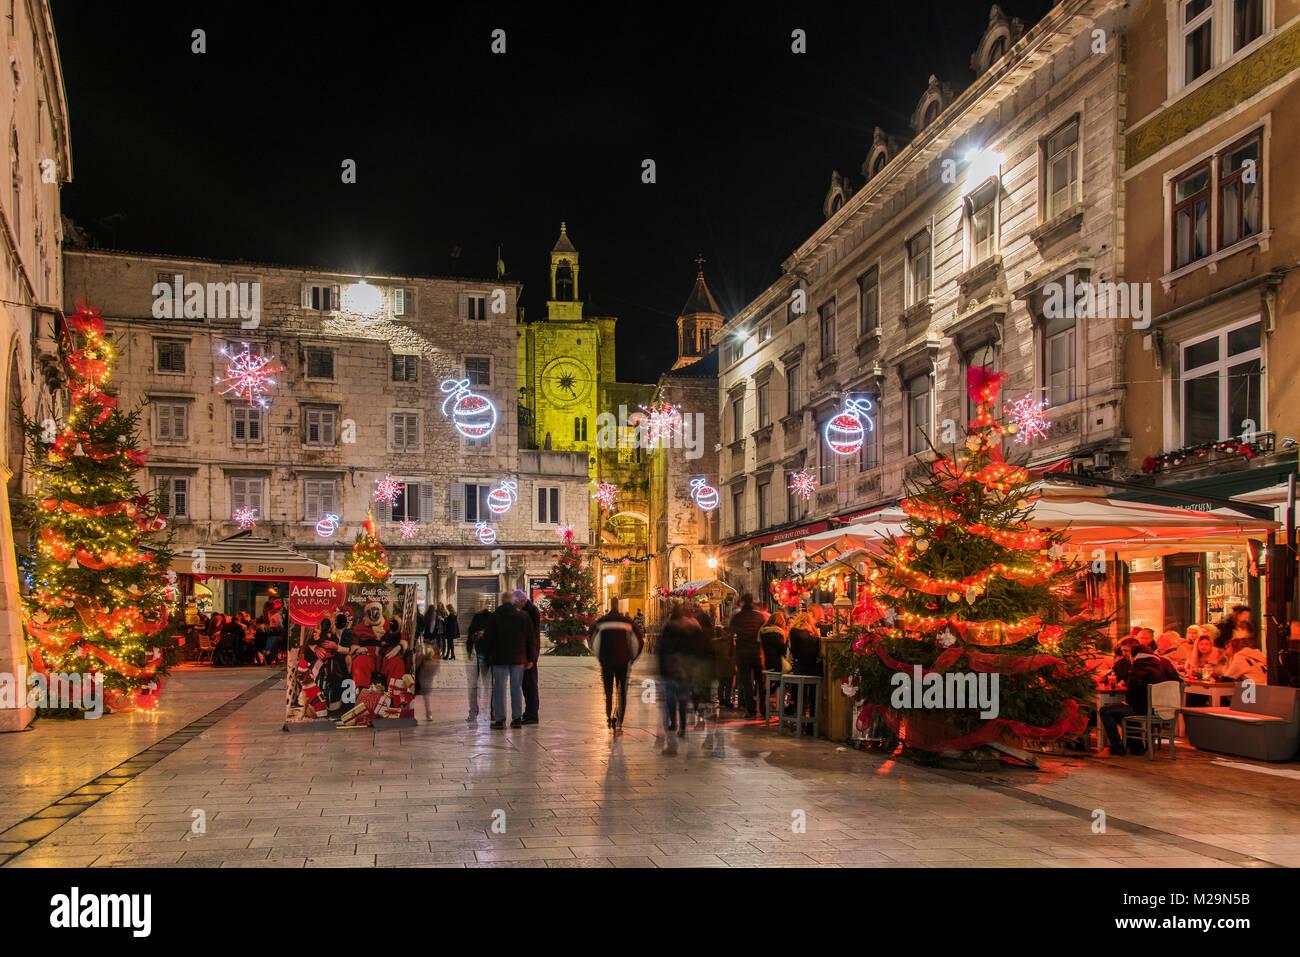 Luces y decoraciones de Navidad en la plaza Narodni Trg, Dividir, Dalmacia, Croacia Foto de stock